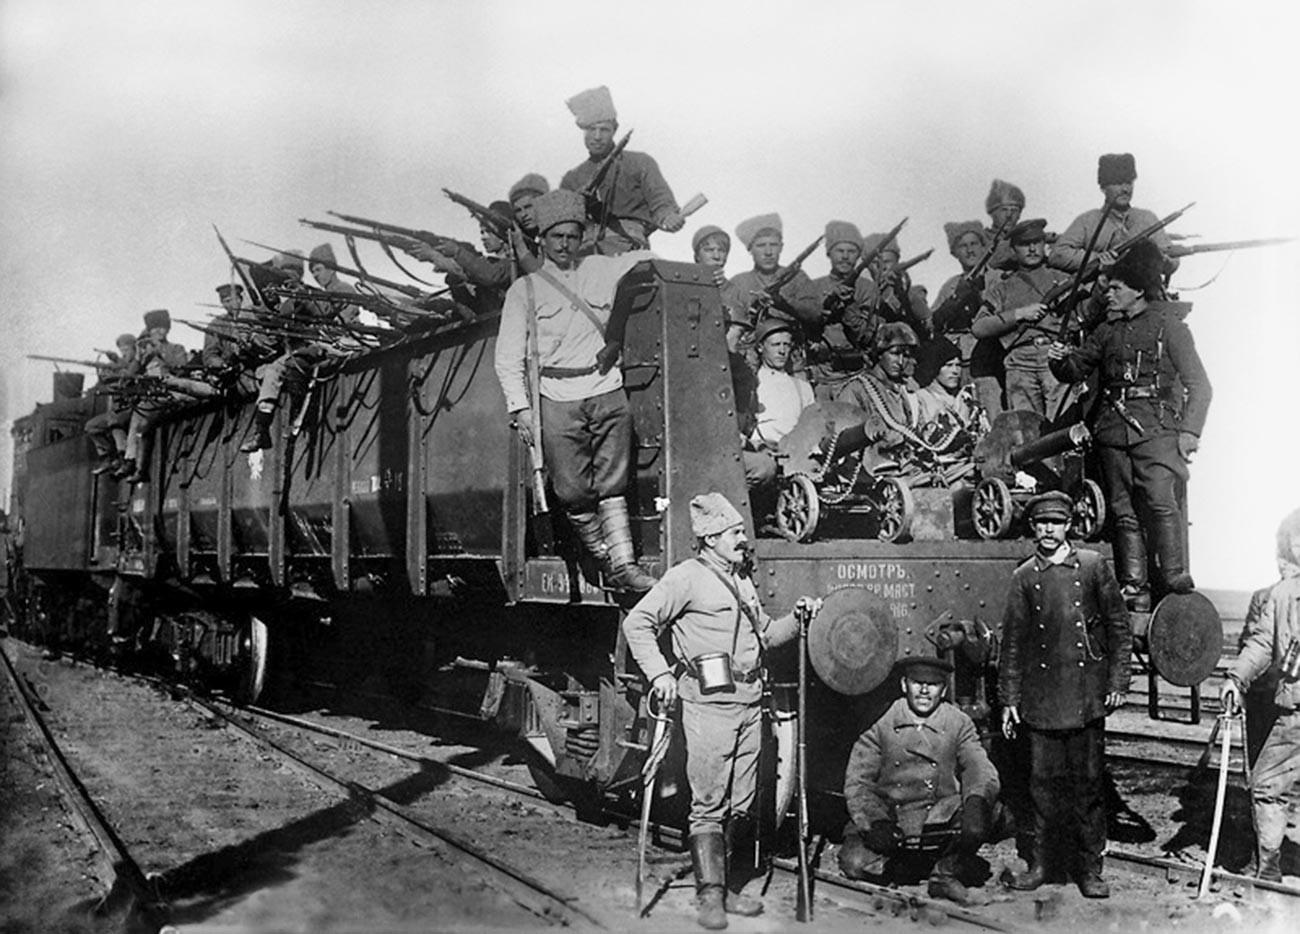 Un train blindé de l'Armée rouge